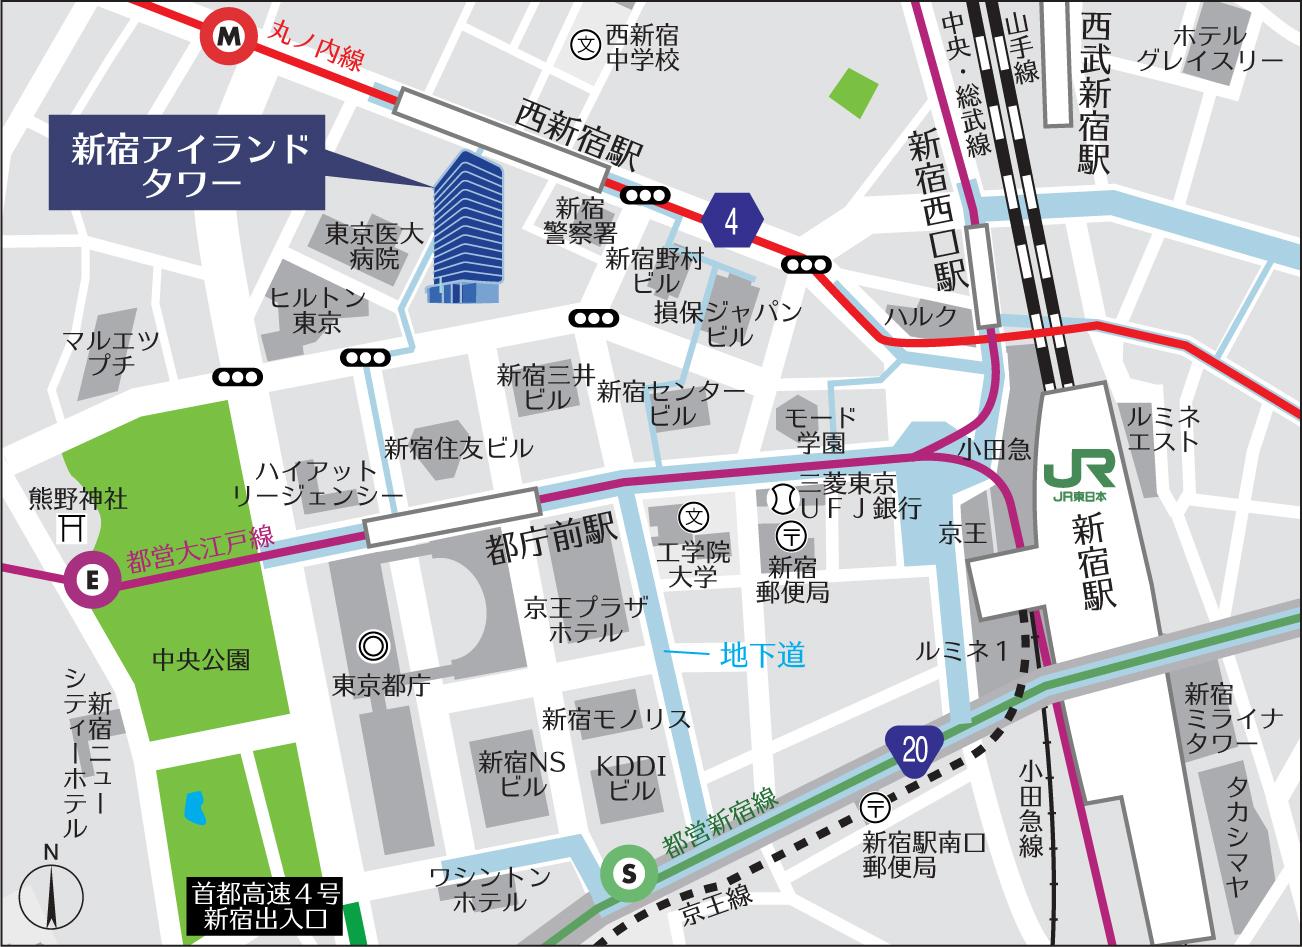 事務所マップ 電車図